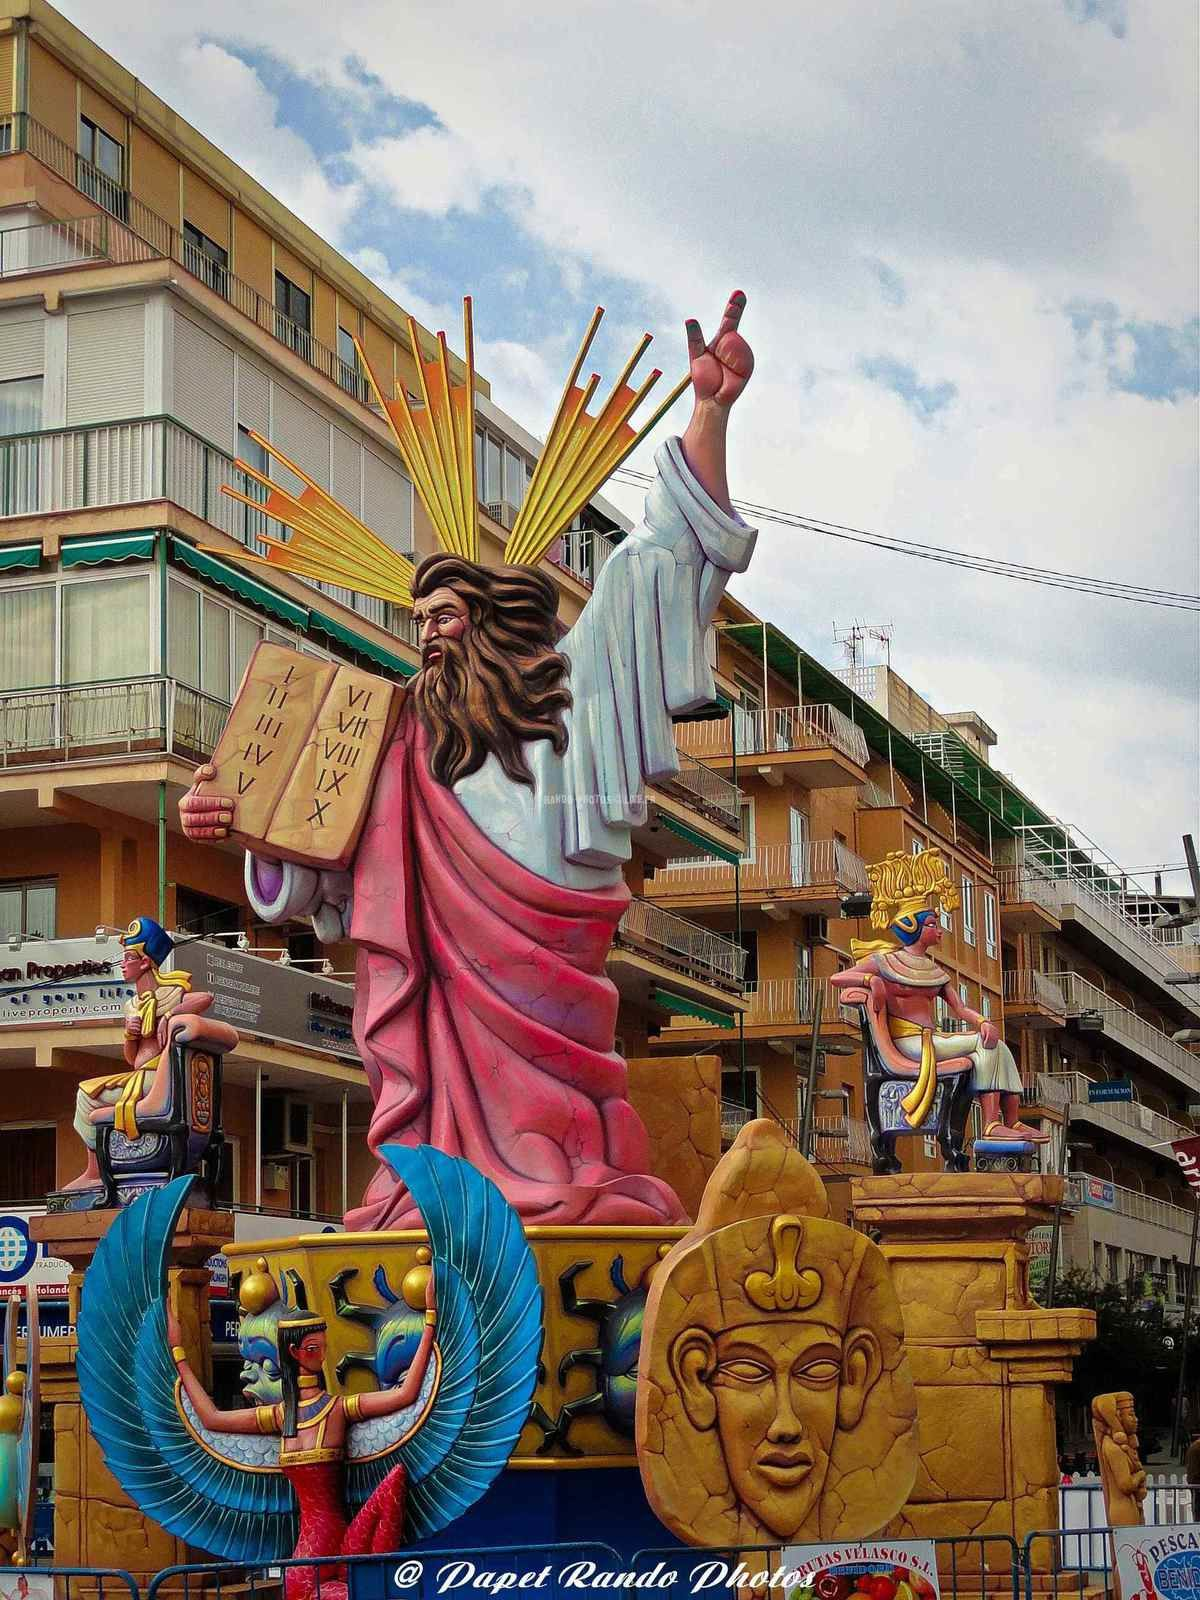 Las Fallas  La Saint Joseph  un folklore magnifique, dans la région de Valence etc ( photos a Benidorm ) a voir au moins une fois  S